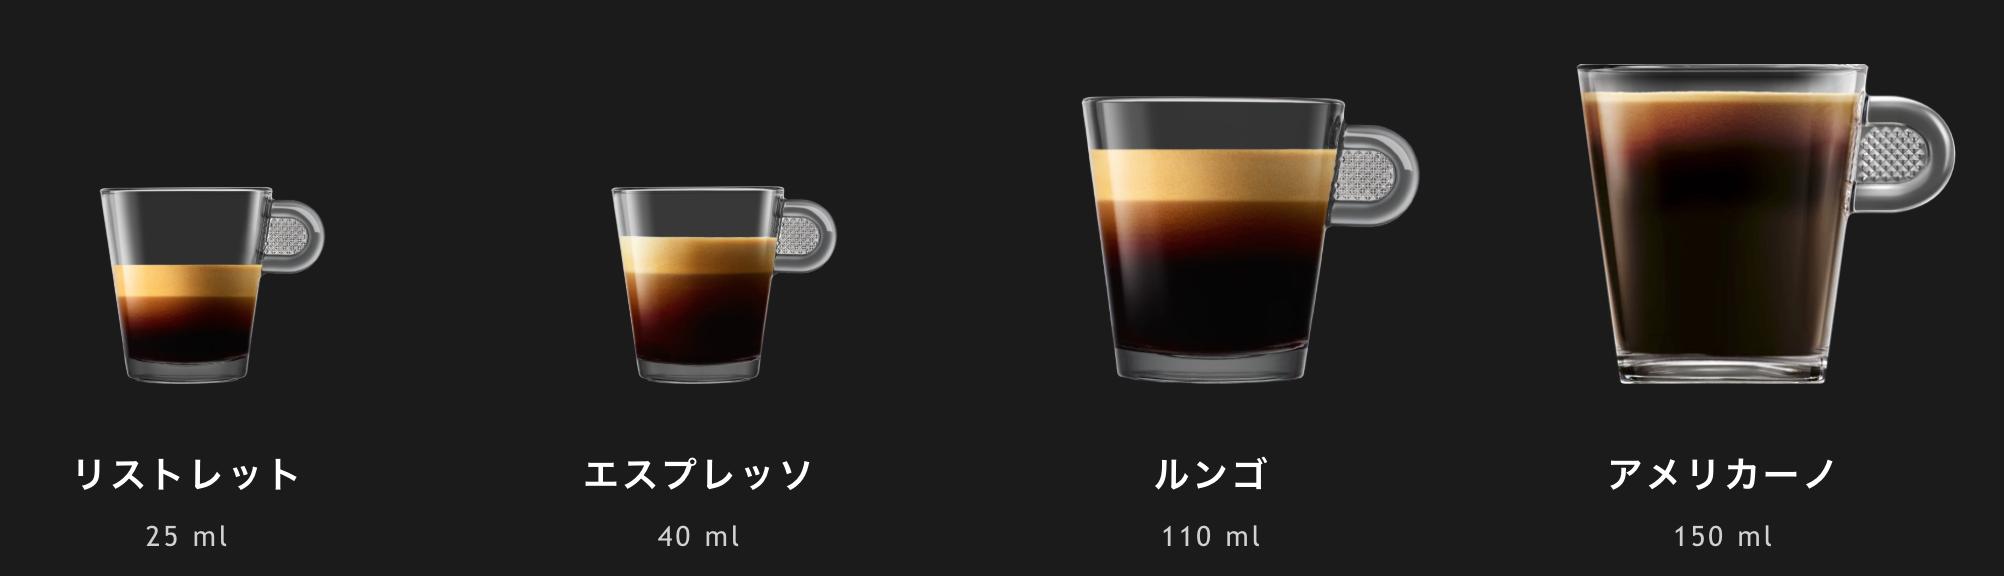 4つのカップサイズ